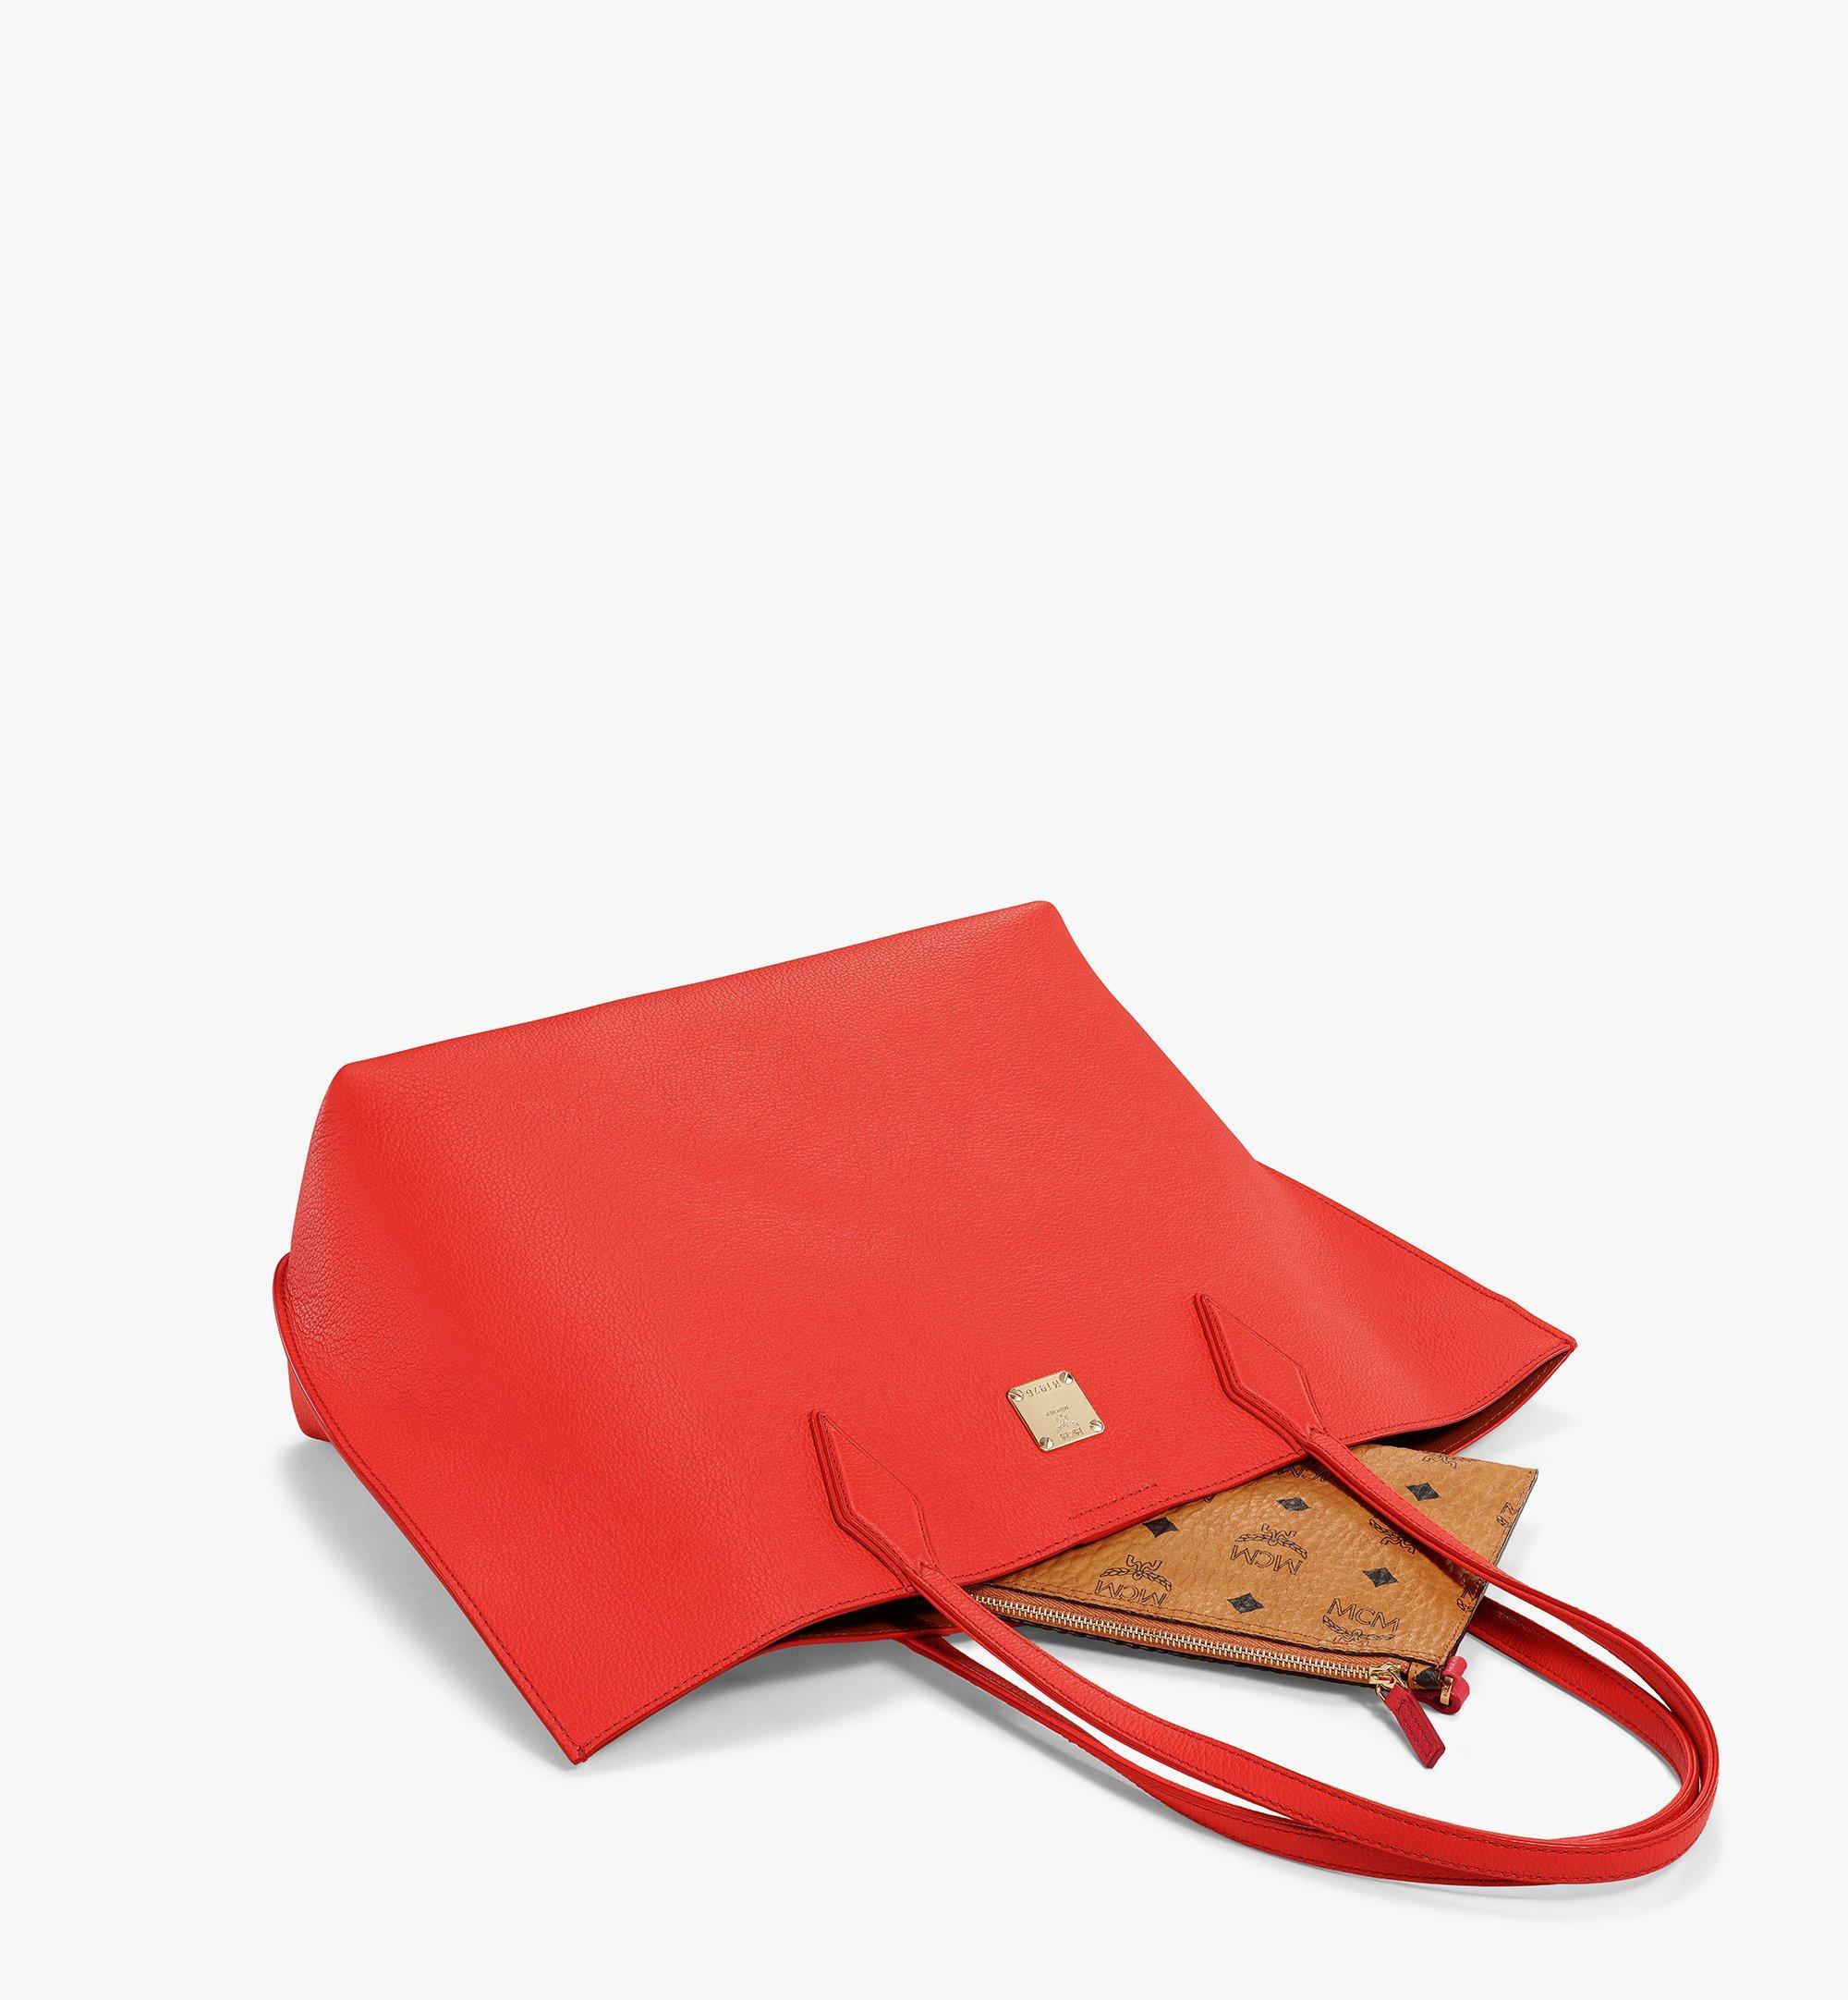 MCM Yris Tani 皮革購物袋 Red MWPBSYS01R8001 更多視圖 2